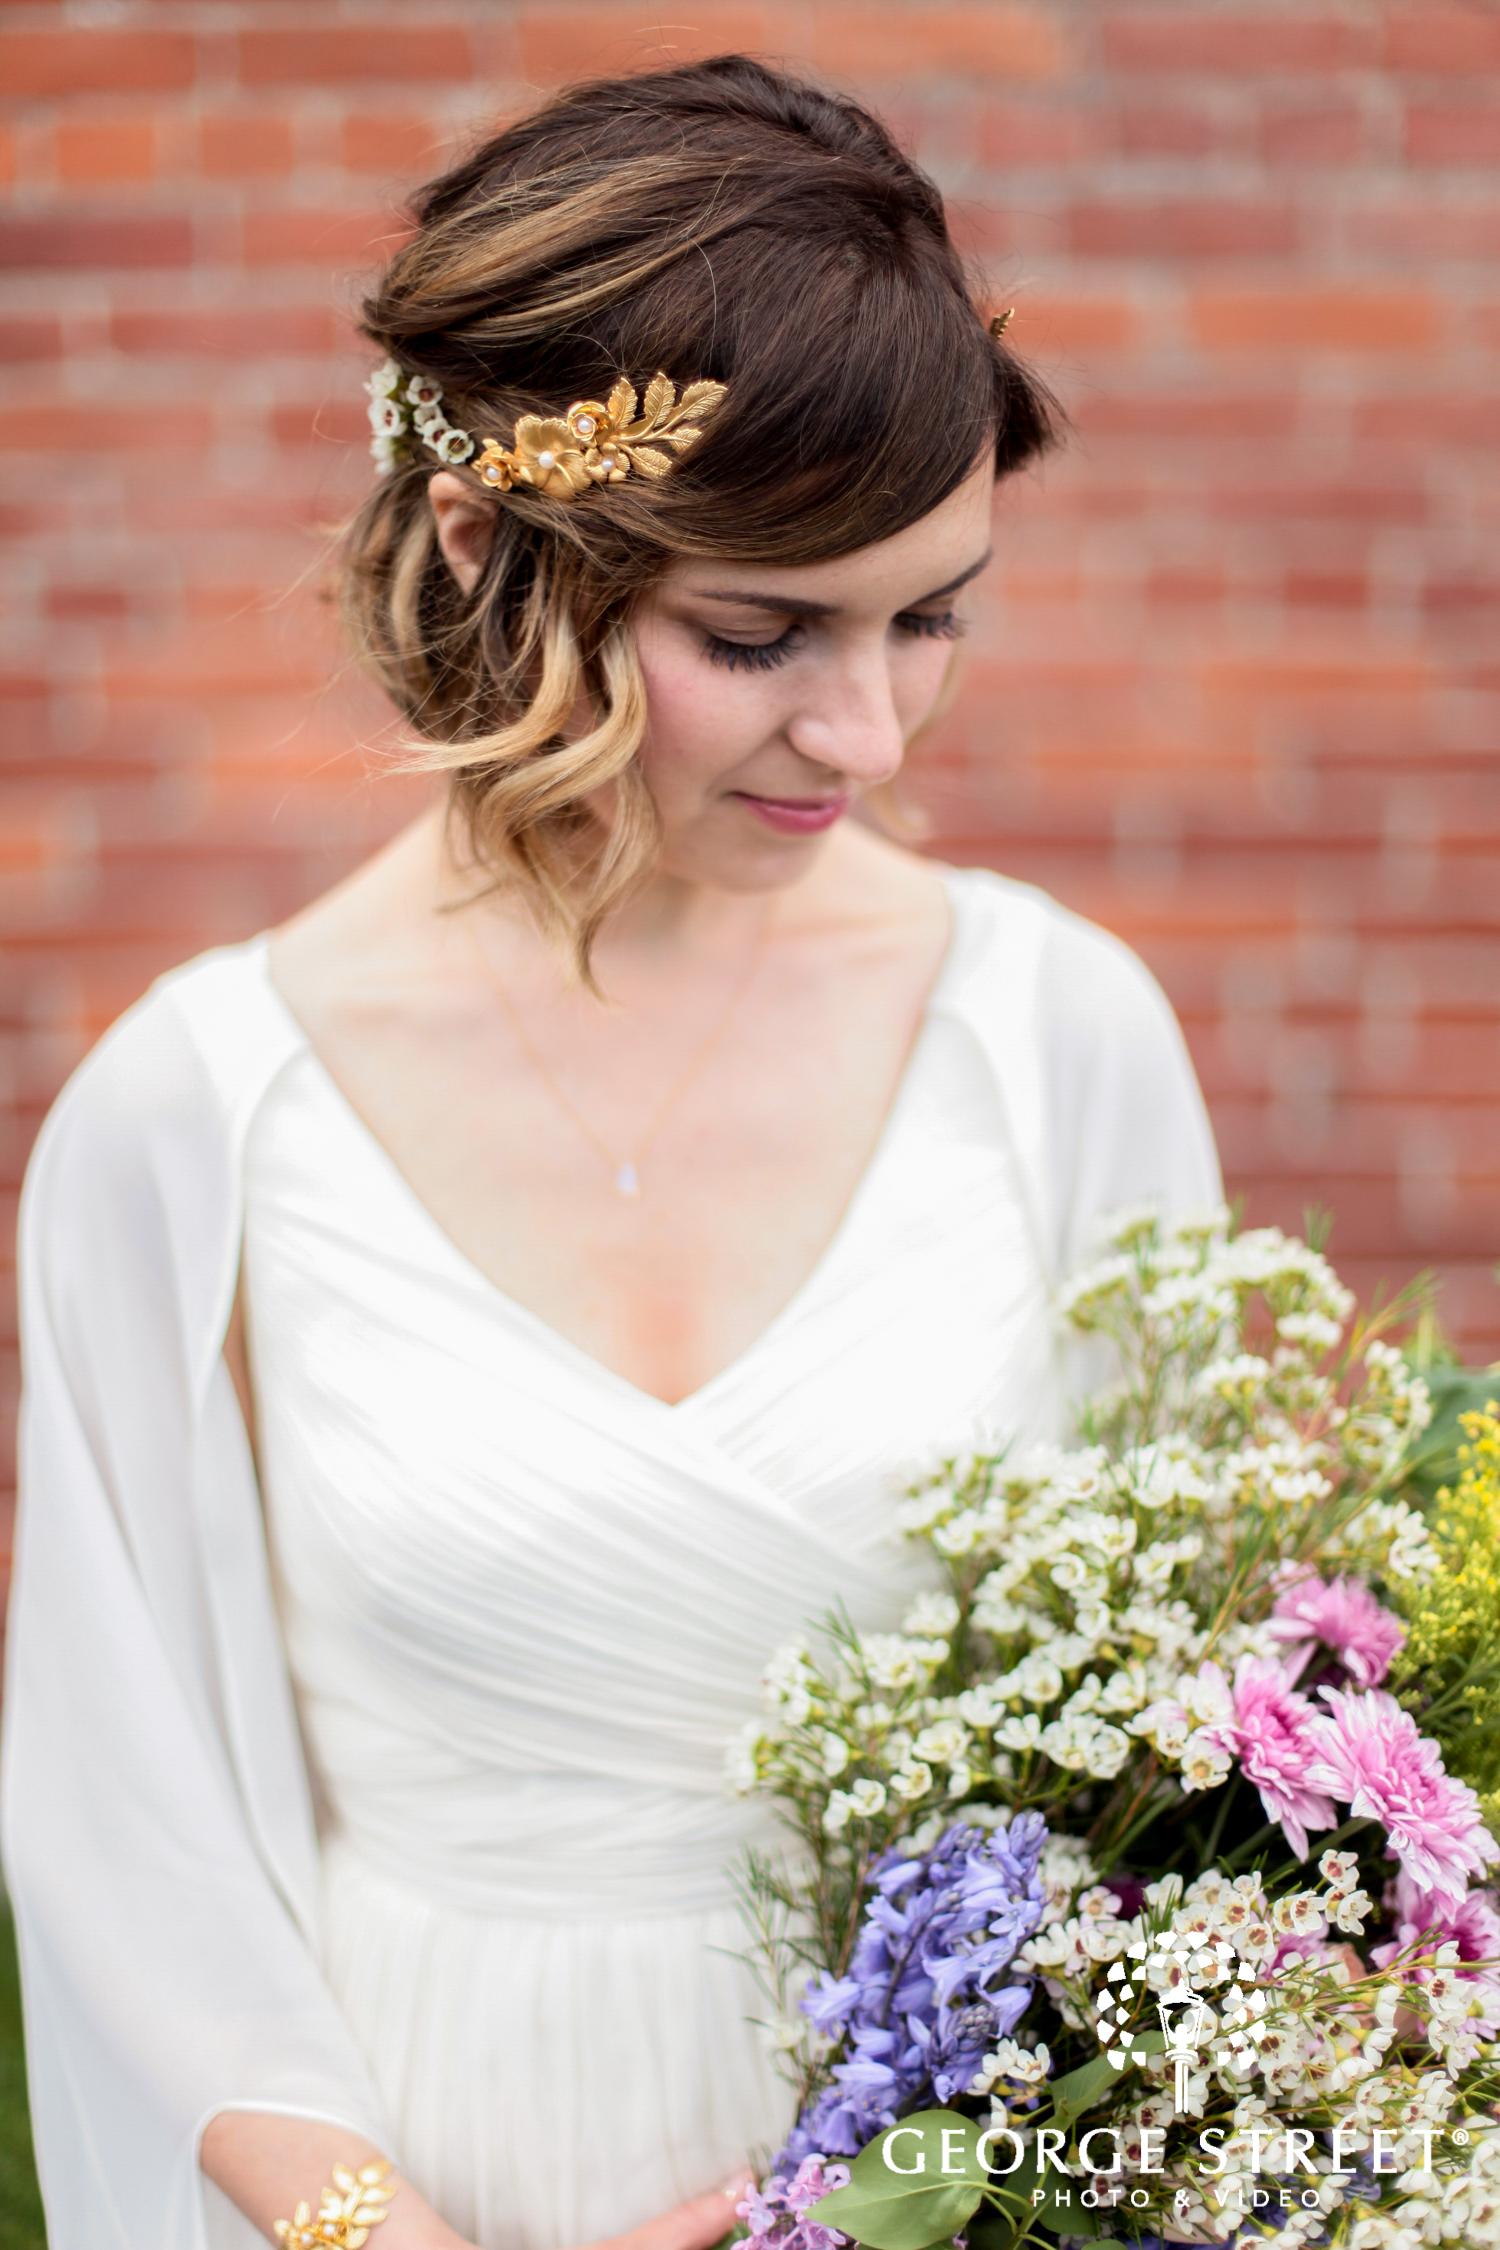 beautiful gold leaf wedding hair accessory